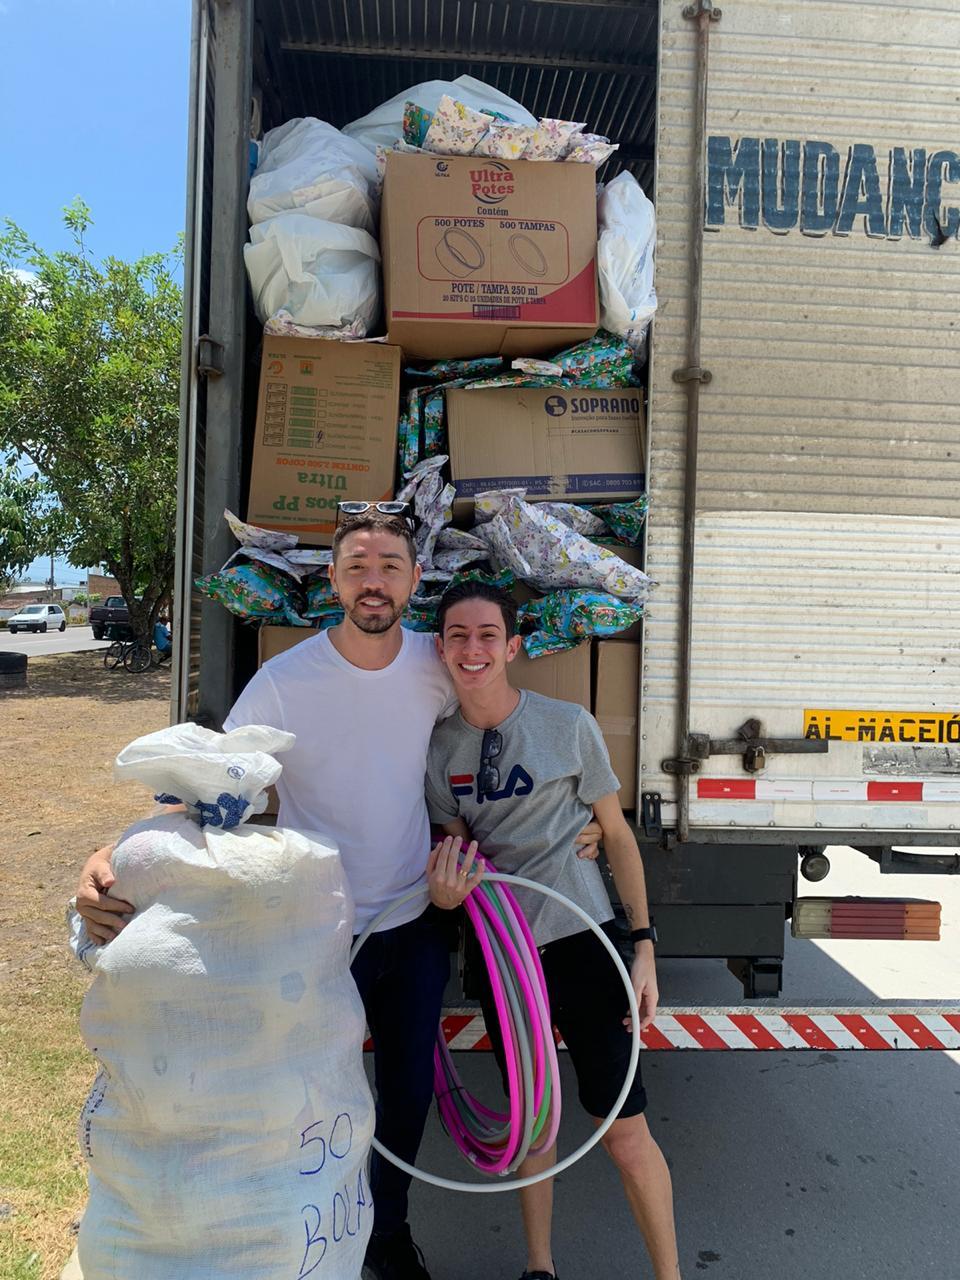 Influencers Davi Mateus e Rico Melquiades doam caminhão lotado de presentes e fazem a alegria no fim de semana do Dia das Crianças